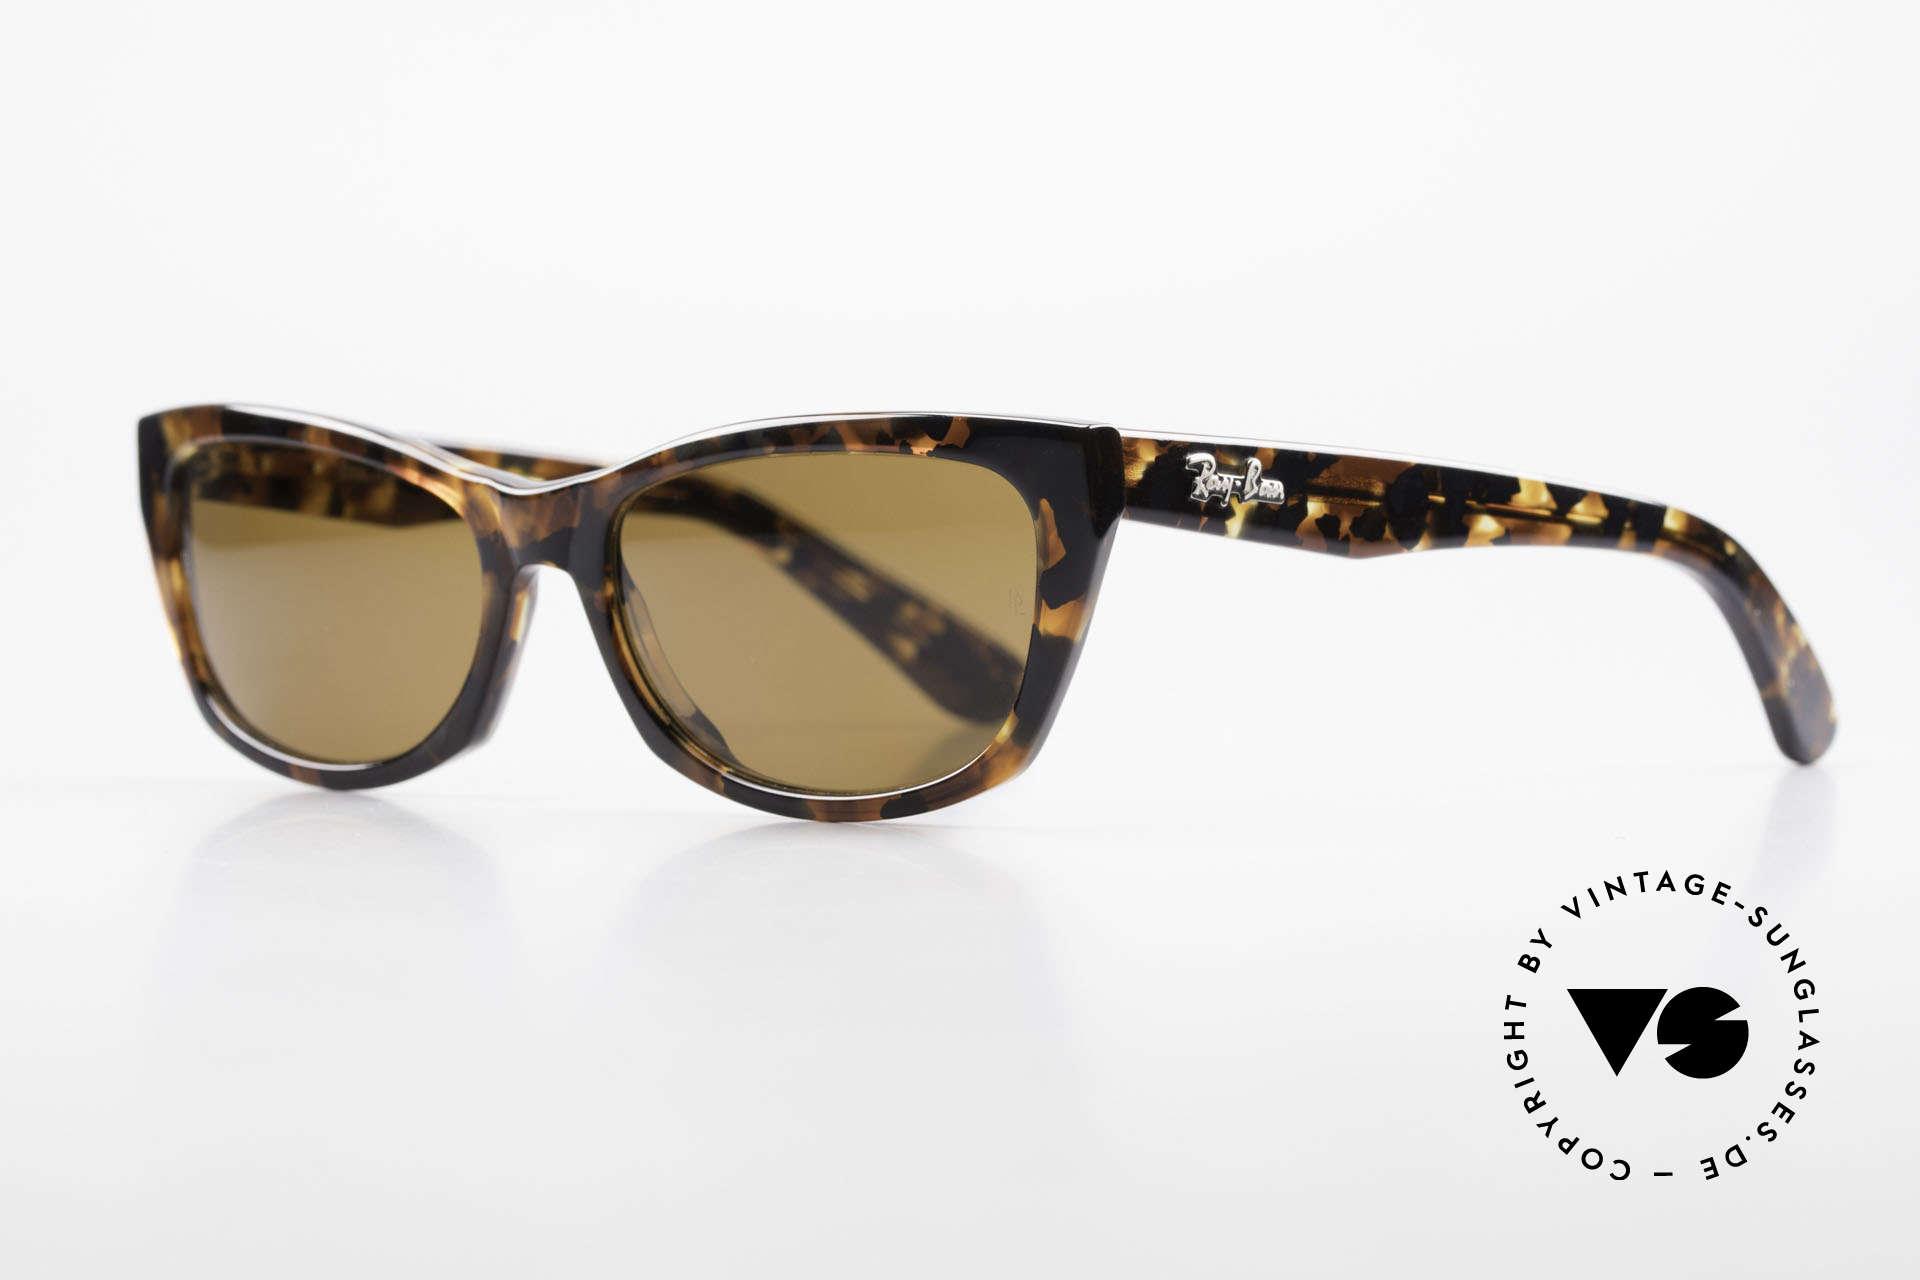 Ray Ban Innerview Alte B&L USA Sonnenbrille, zauberhaftes Design und tolle Farbe; einfach schön, Passend für Damen